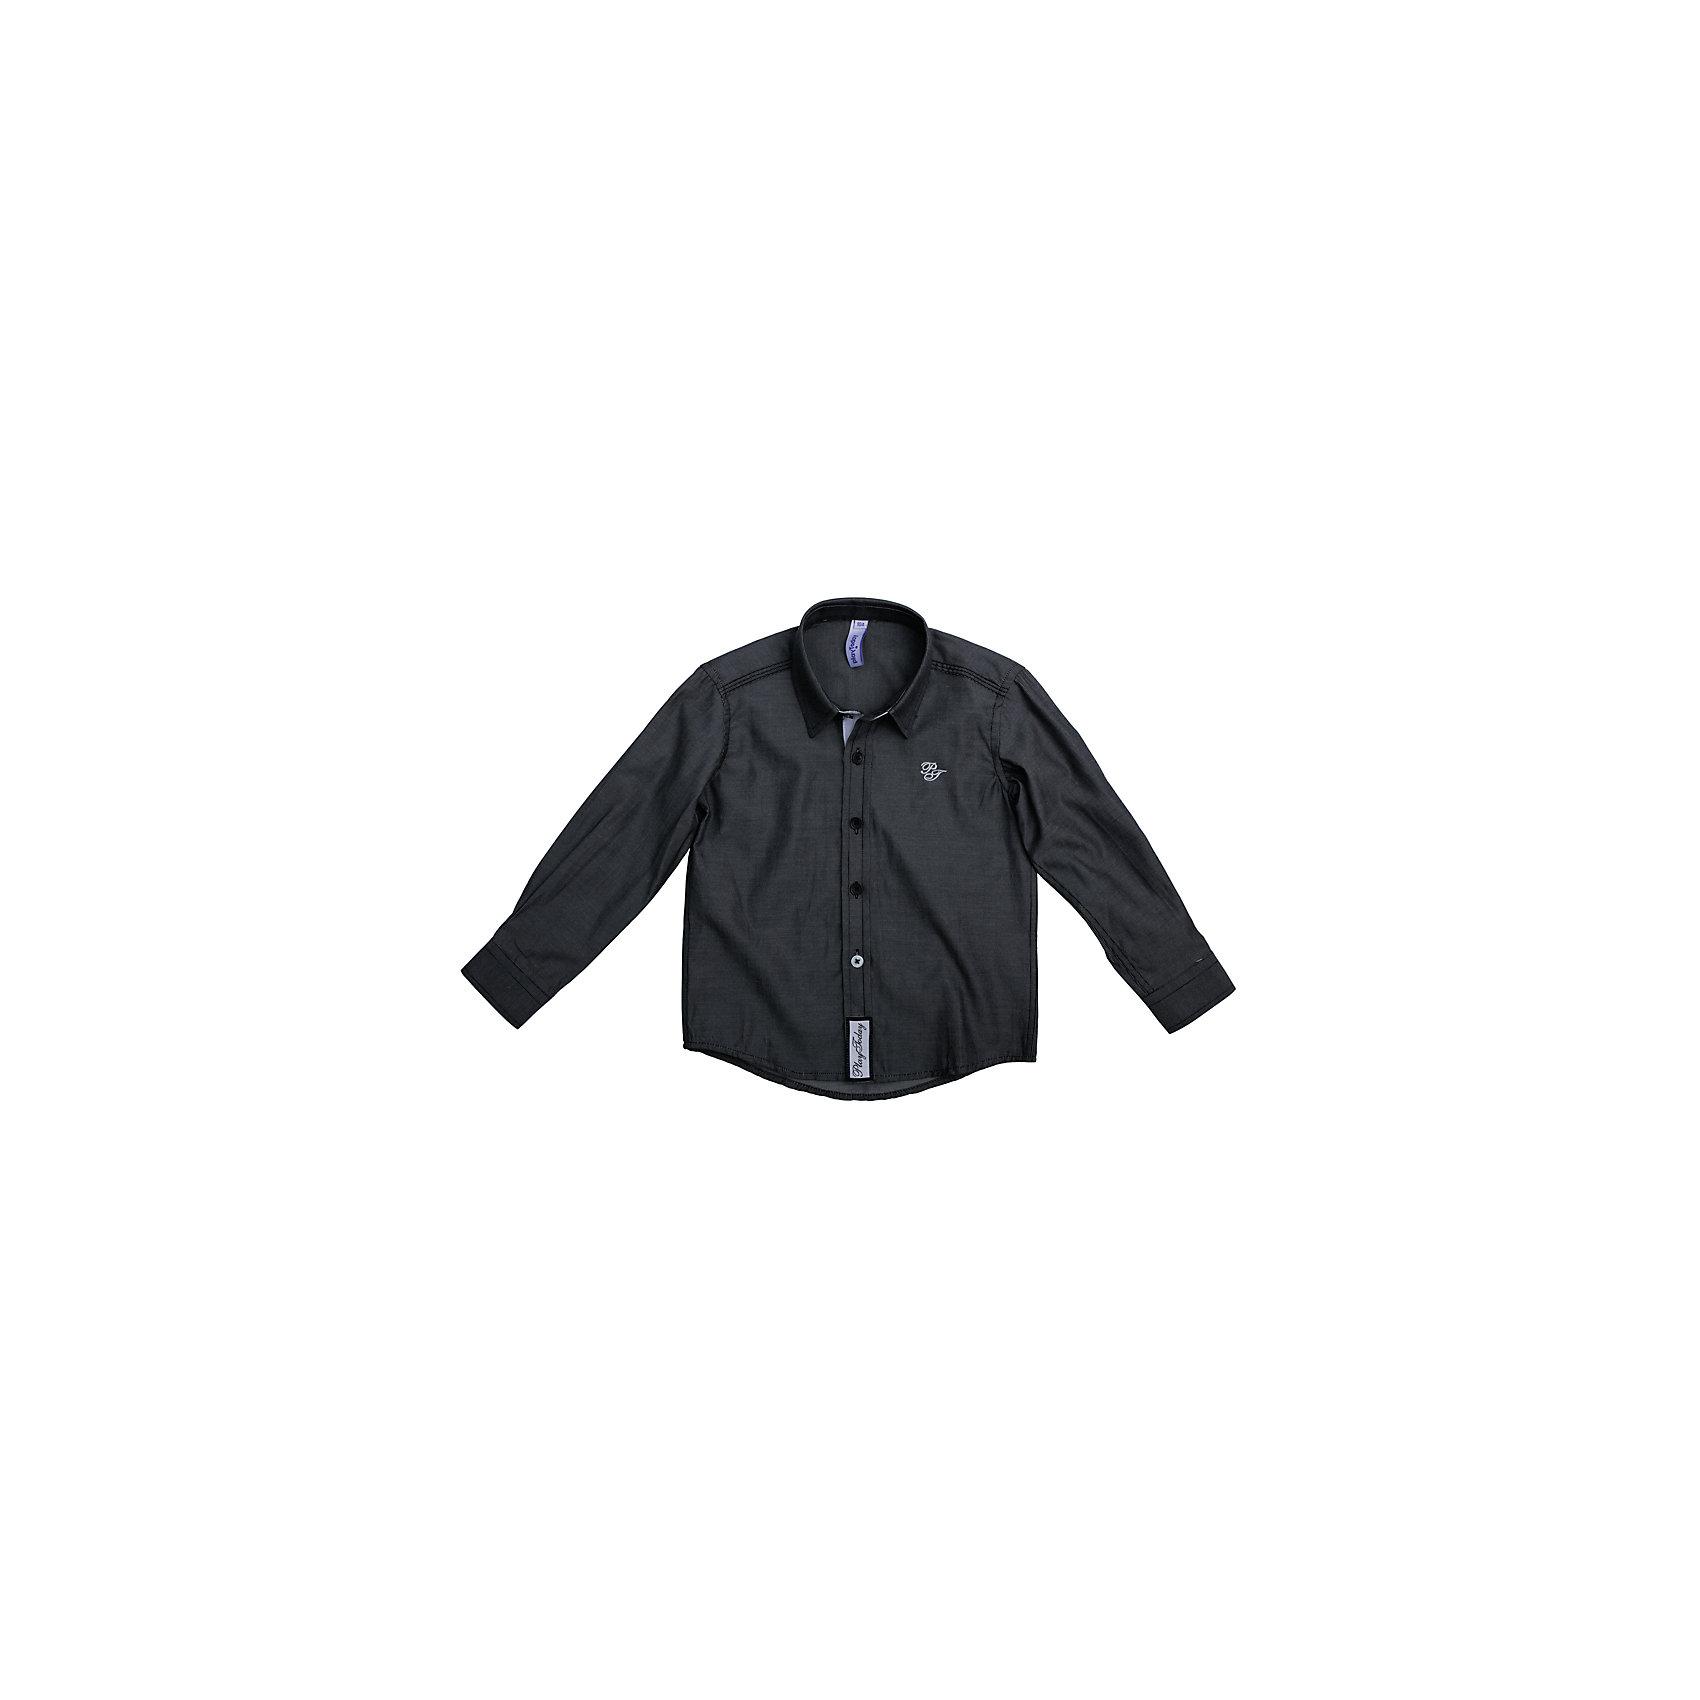 Рубашка для мальчика PlayTodayРубашка для мальчика от известного бренда PlayToday.<br>Сорочка с длинными рукавами.<br><br>Классическая и модель: отложной воротник, лаконичные рукава с усеченными углами, полупрозрачные пуговицы. Украшена маленькой вышивкой.<br>Состав:<br>60% хлопок, 40% полиэстер<br><br>Ширина мм: 174<br>Глубина мм: 10<br>Высота мм: 169<br>Вес г: 157<br>Цвет: серый<br>Возраст от месяцев: 108<br>Возраст до месяцев: 120<br>Пол: Мужской<br>Возраст: Детский<br>Размер: 140,98,122,116,104,128,134,110<br>SKU: 5113795